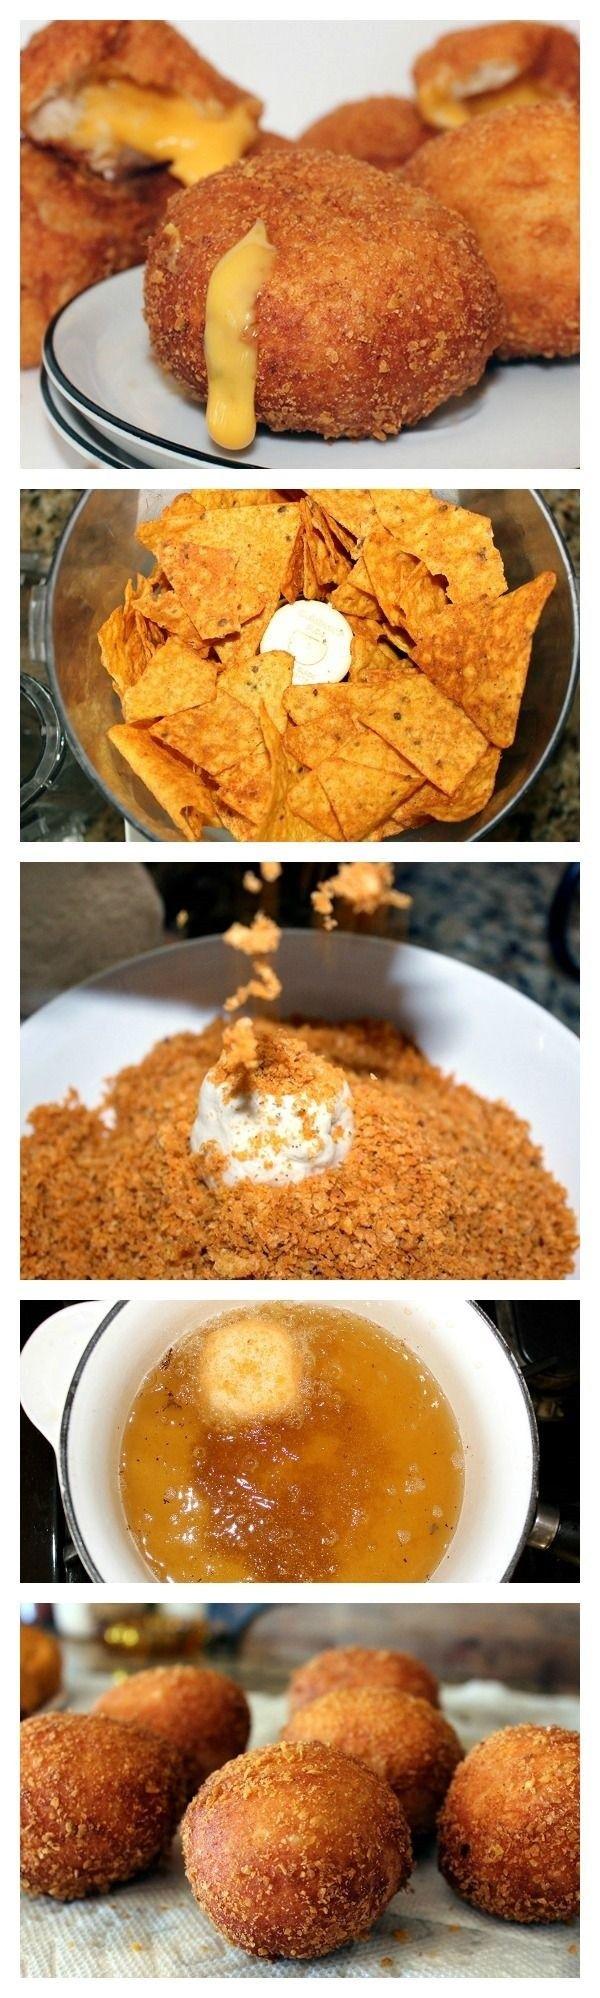 13 Recetas que no sabías que podías hacer con los Doritos